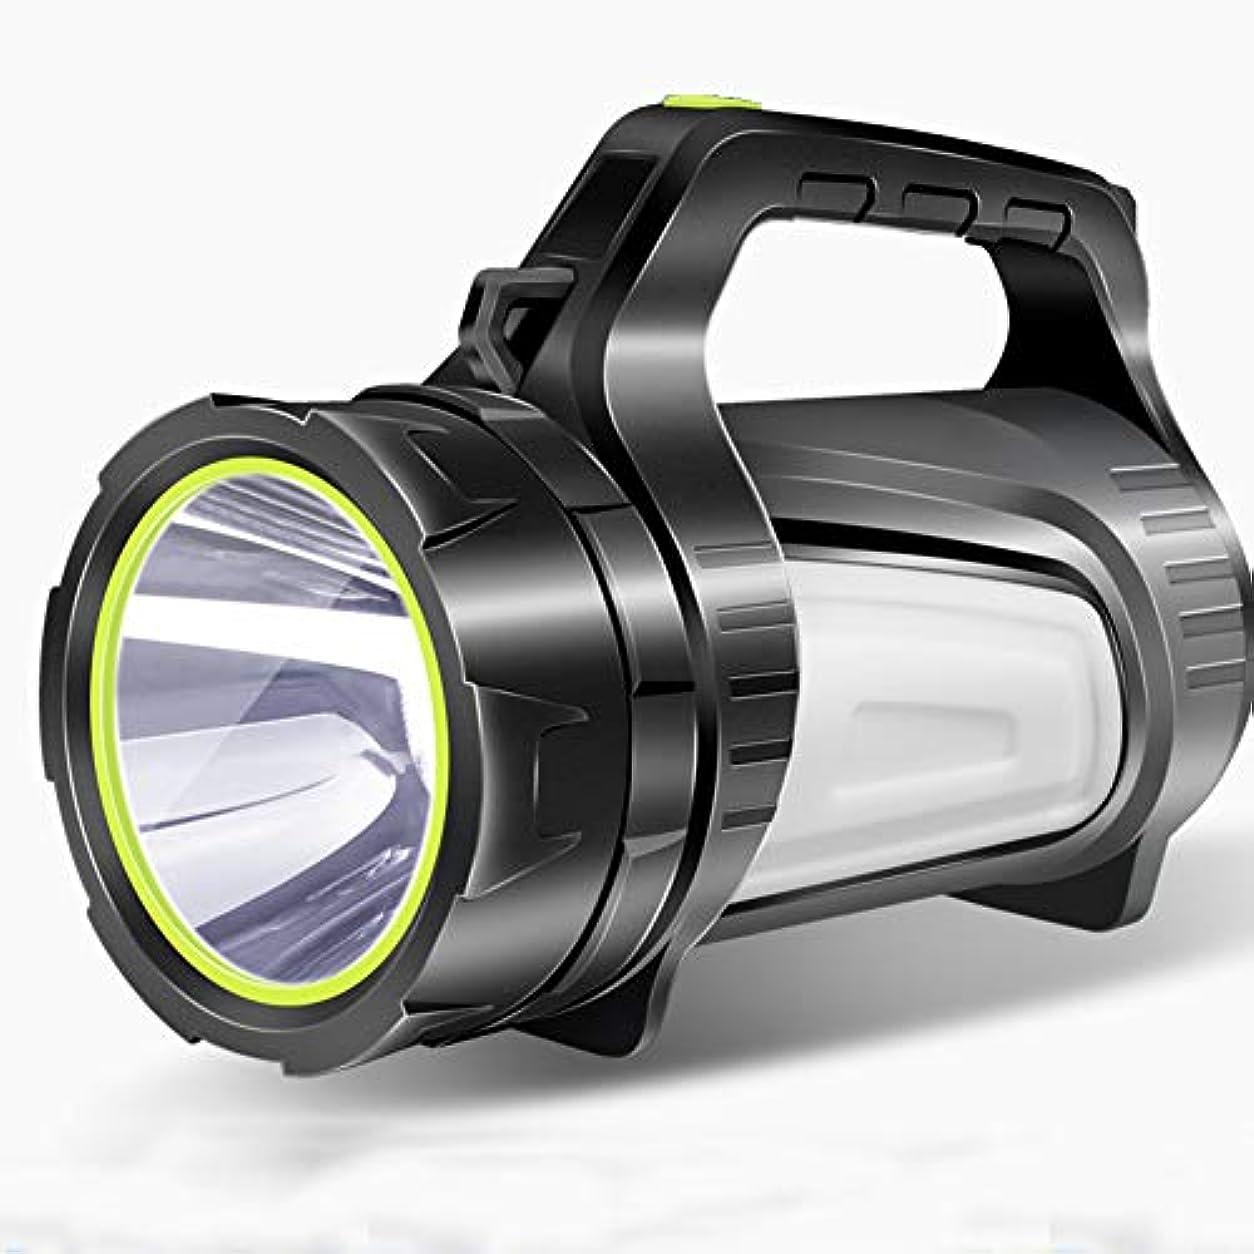 挑む鎖結論懐中電灯 屋外LEDサーチライト 3000メートルロングショットフィッシングライト 3500ルーメンの充電式ポータブルライト 多機能屋外キャンプライト 寿命10?48時間